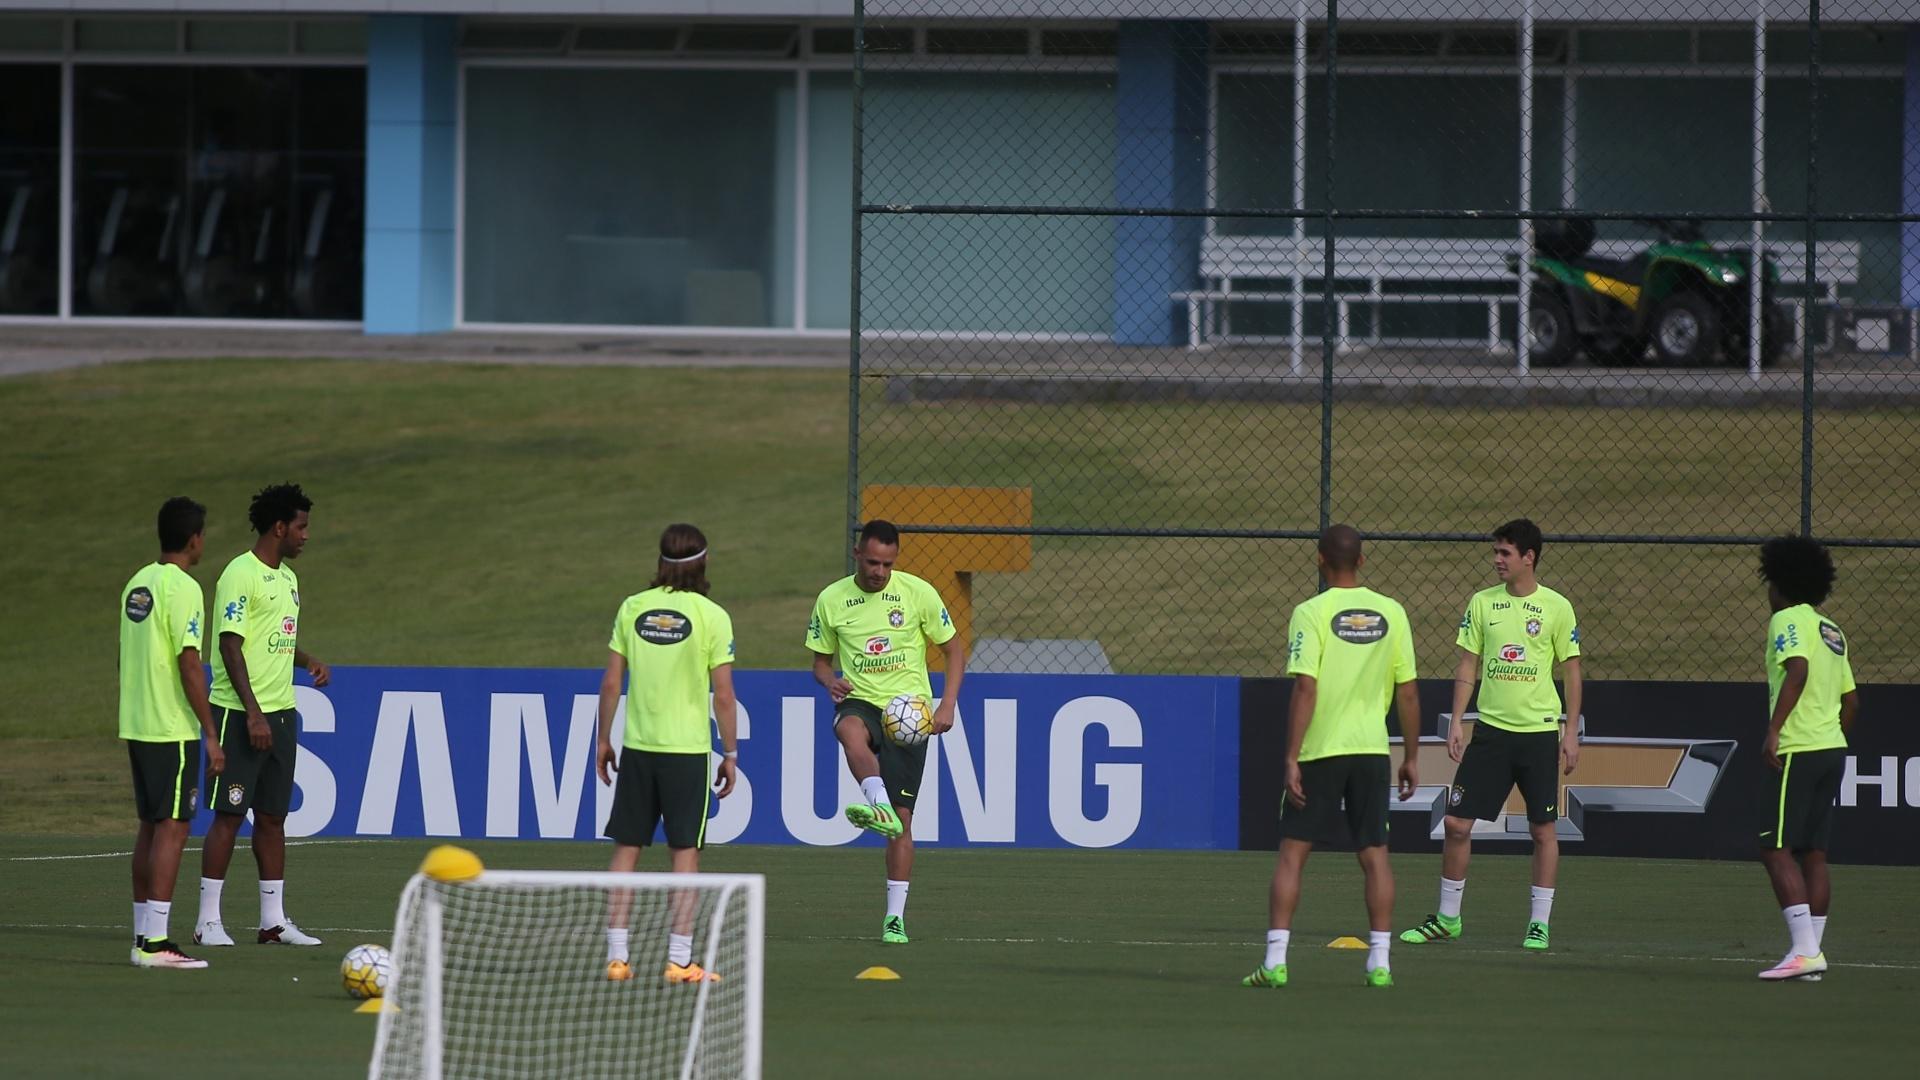 Seleção brasileira treina com sete atletas em campo no primeiro treino para enfrentar Uruguai e Paraguai